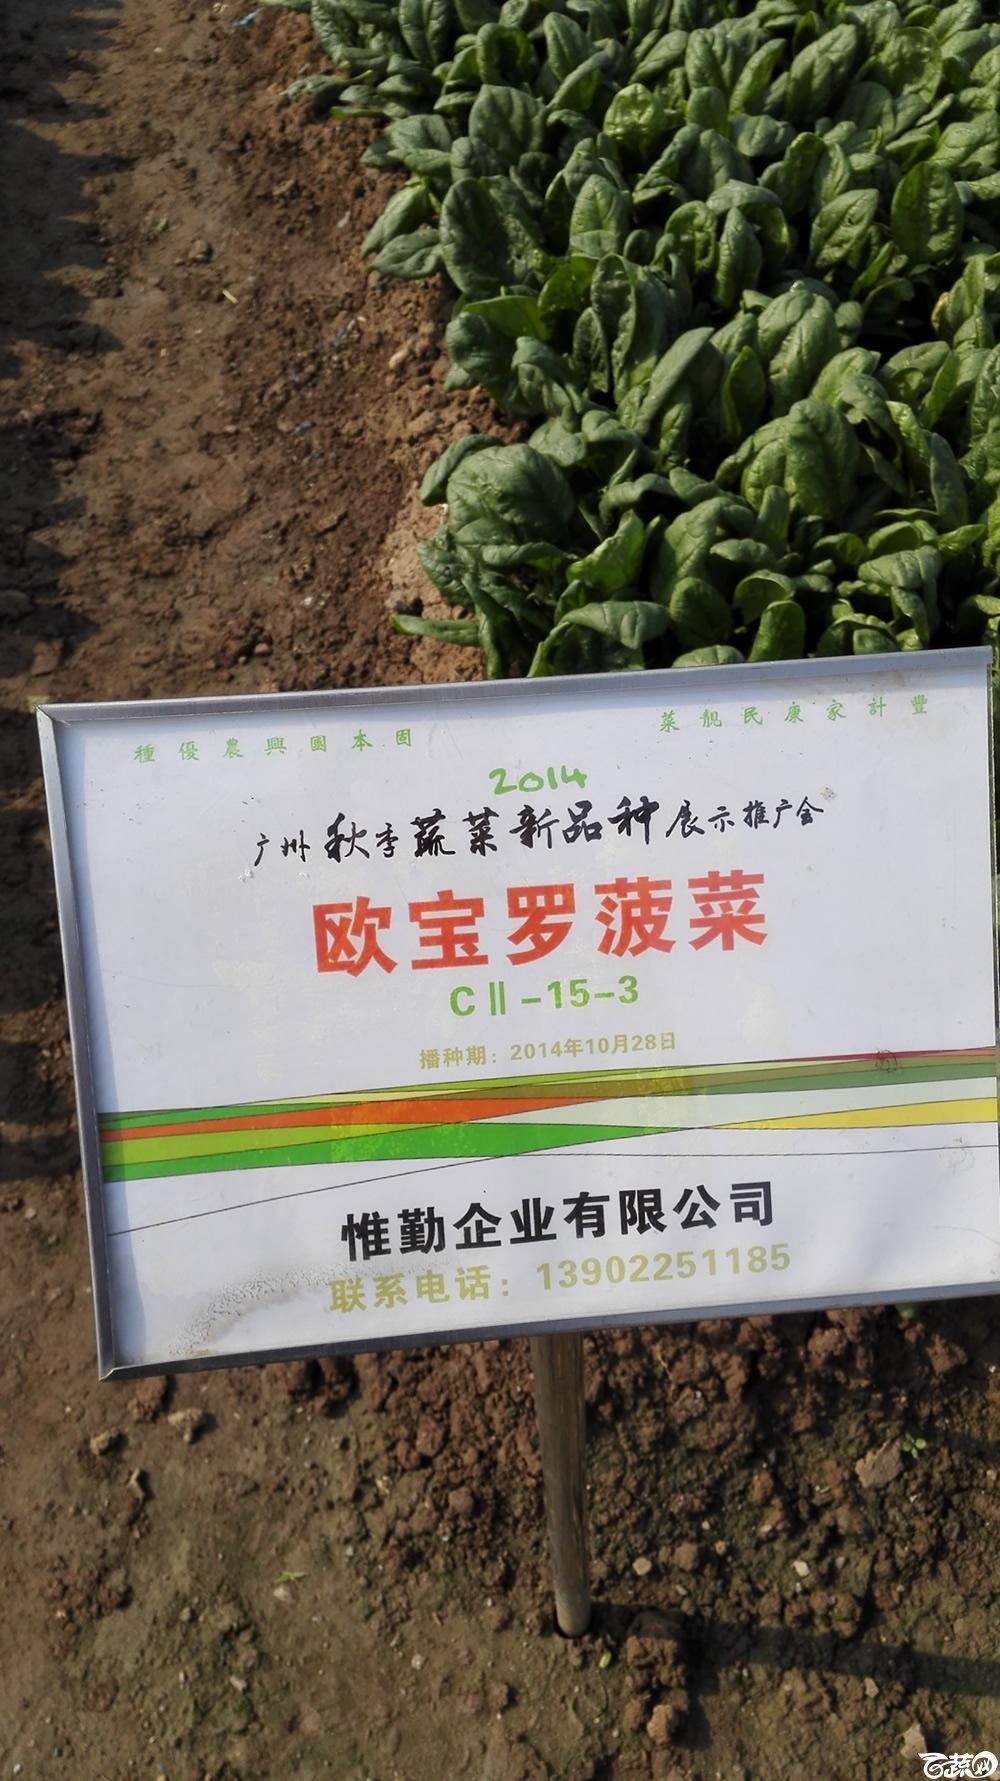 2014年12月10号广州市农科院南沙秋季蔬菜新品种展示会_叶菜_136.jpg